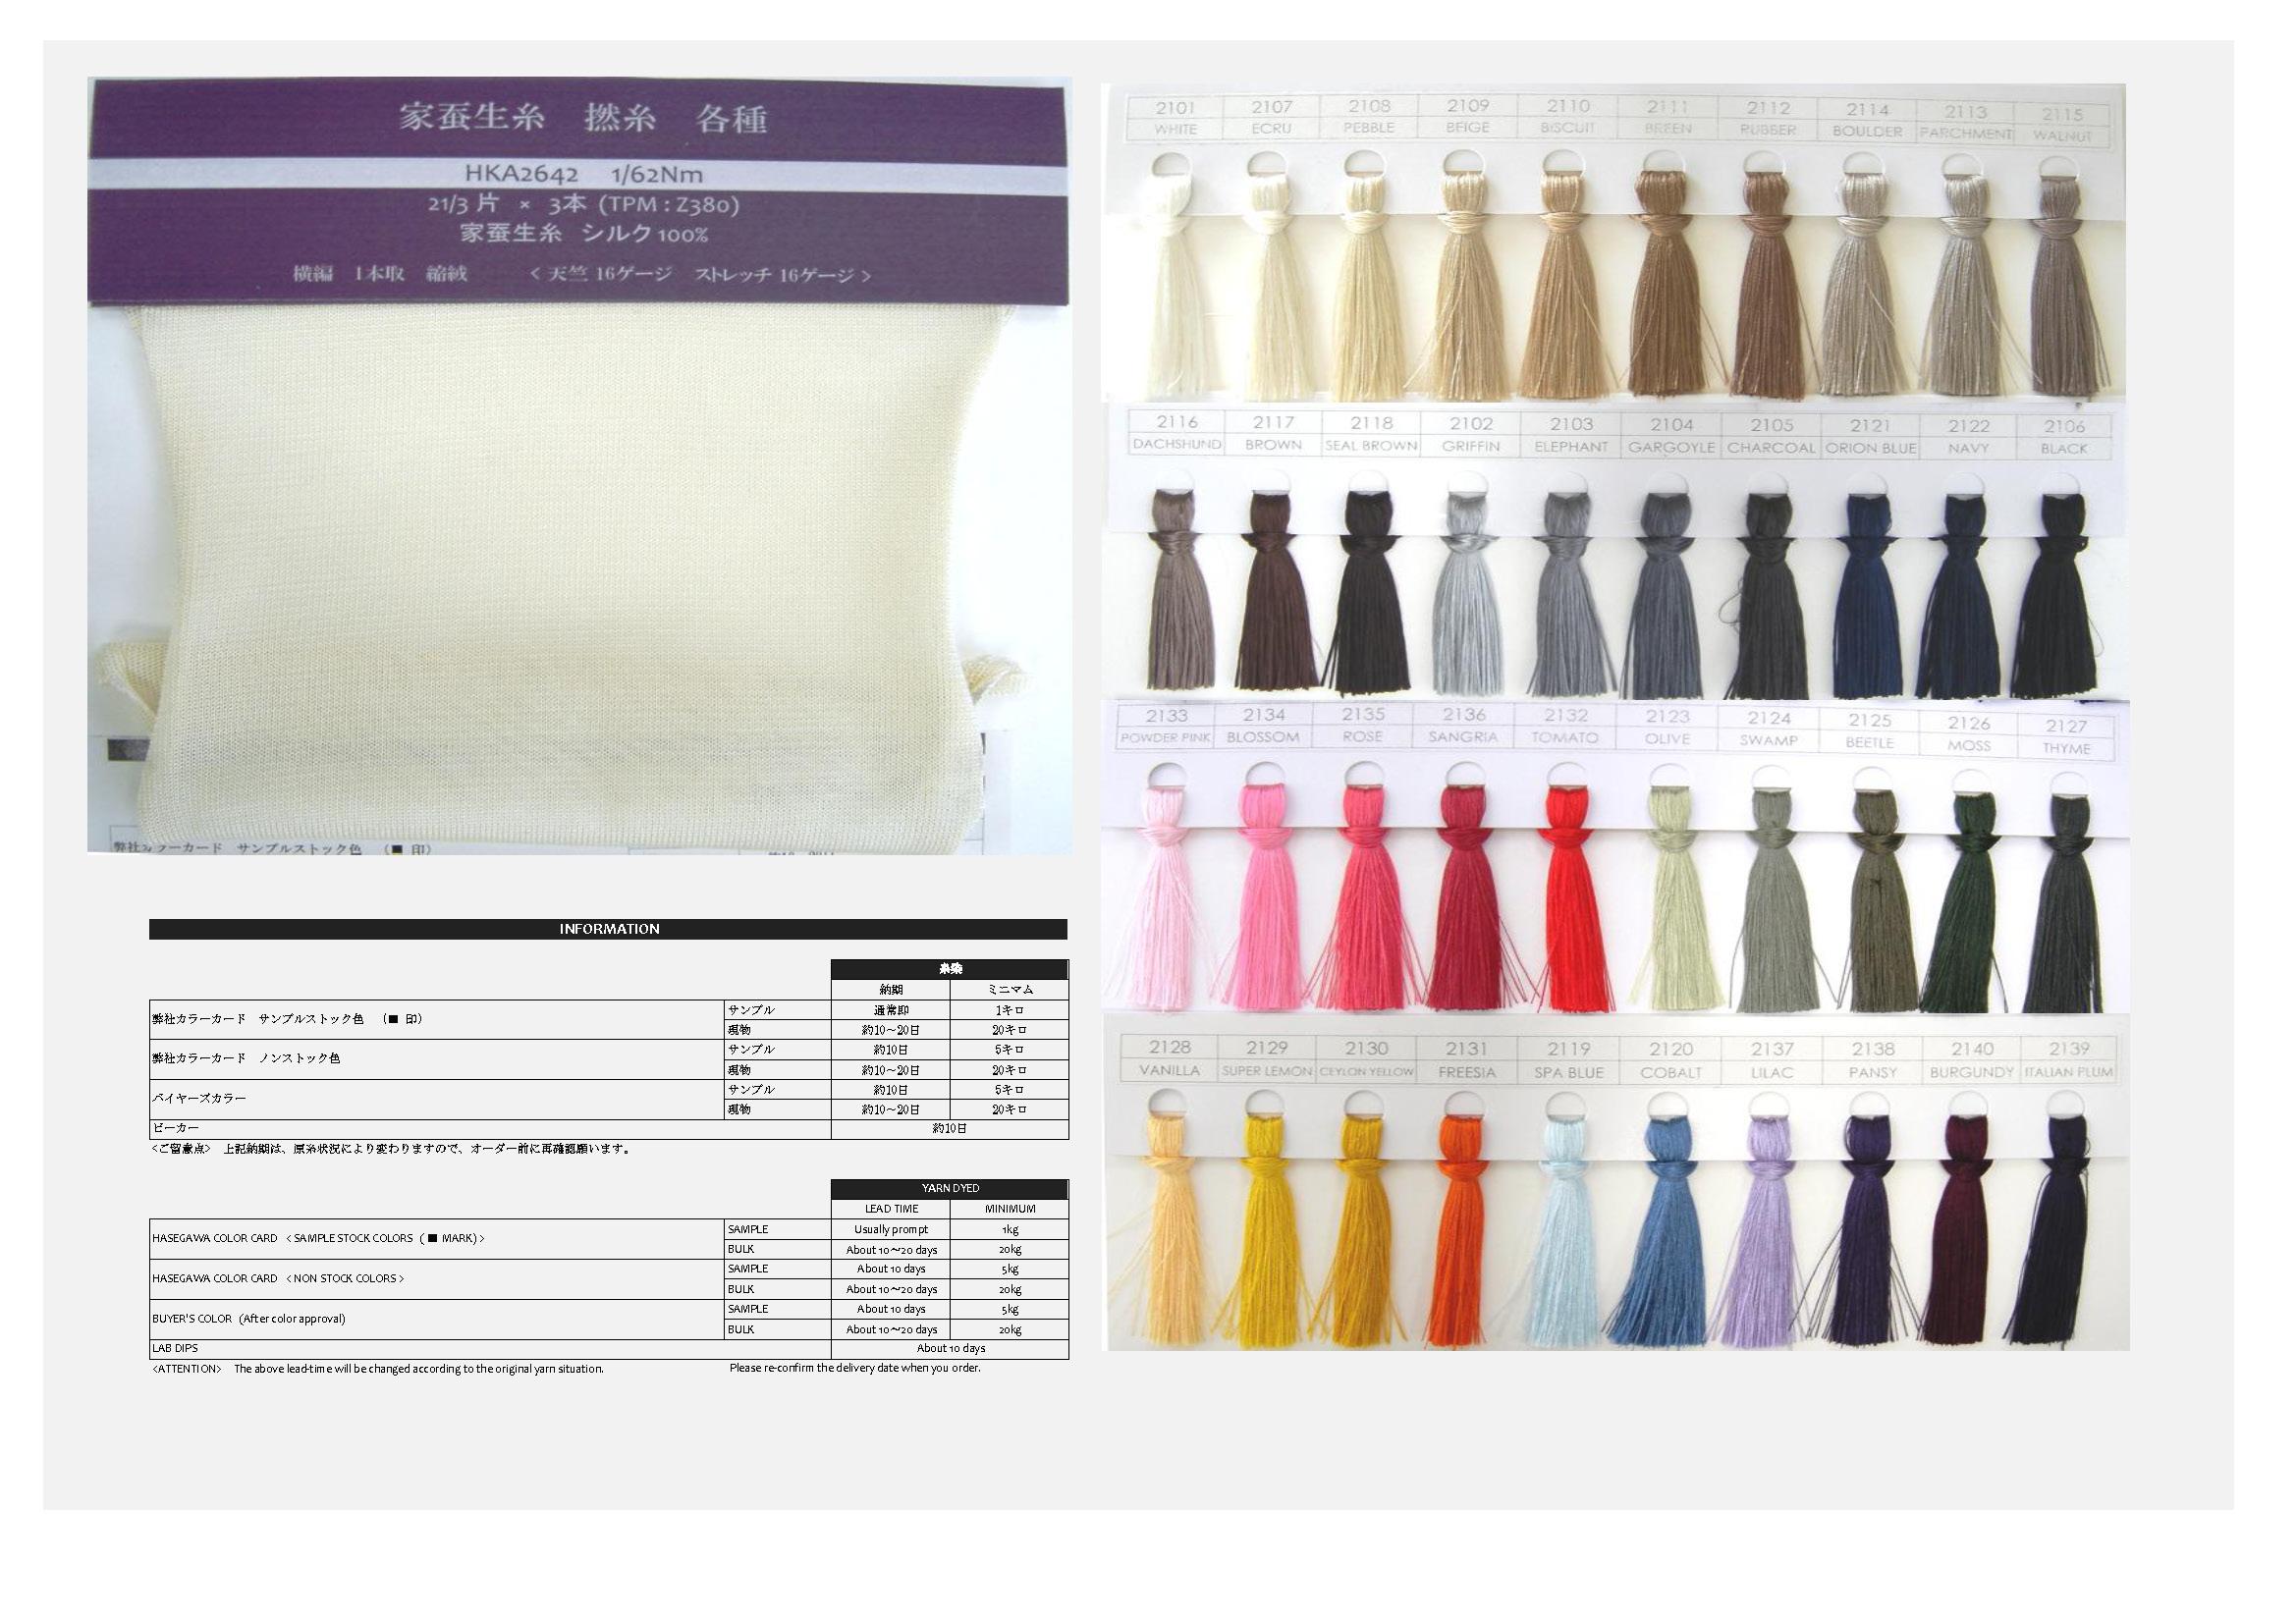 新商品のご案内  – 家蚕生糸 撚糸 HKA2642 –